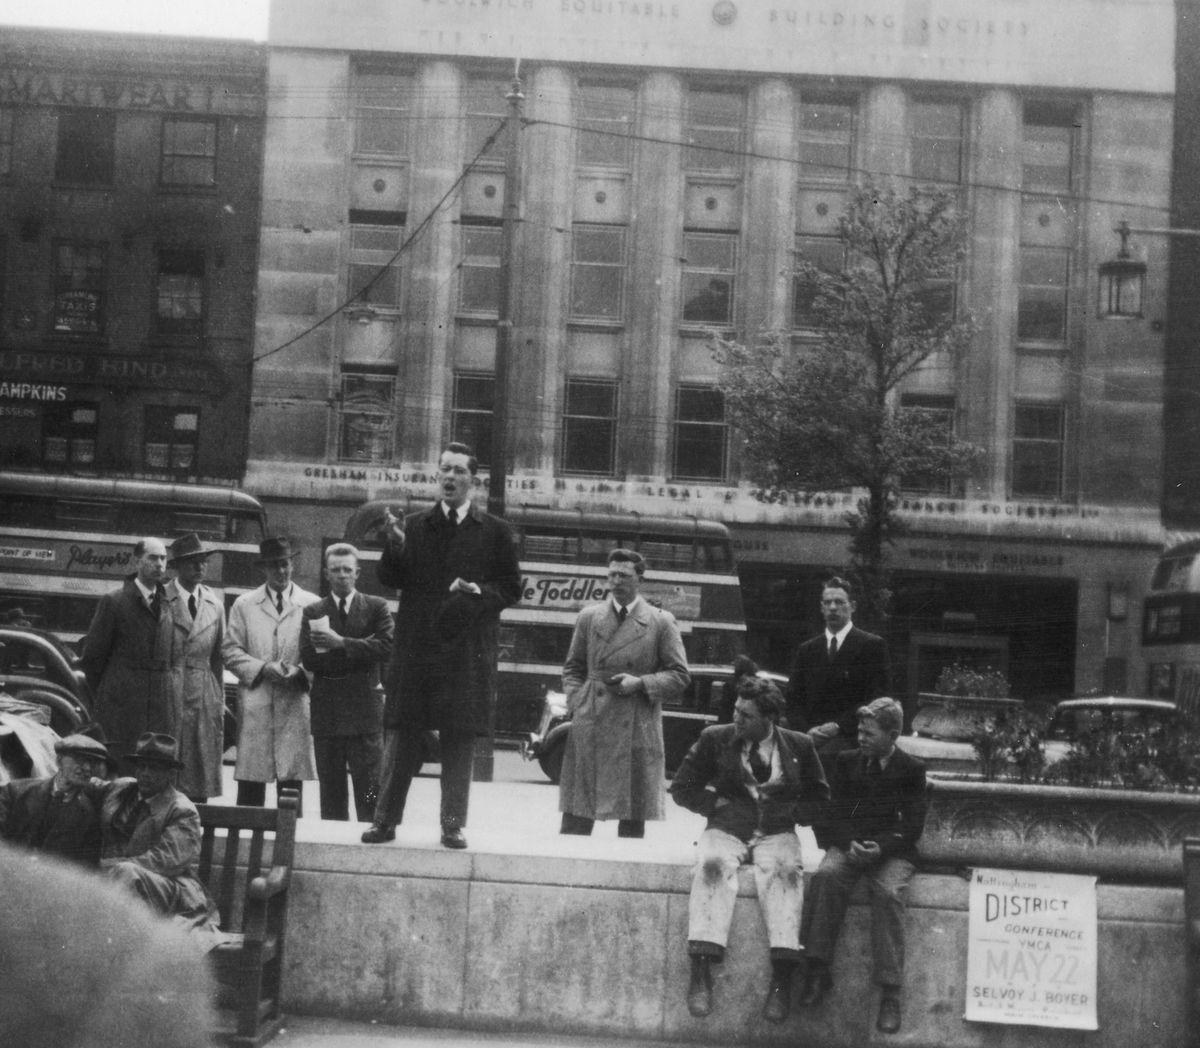 El joven anciano Russell Ballard predica en una reunión callejera en Nottingham Square, Inglaterra, en mayo de 1949.